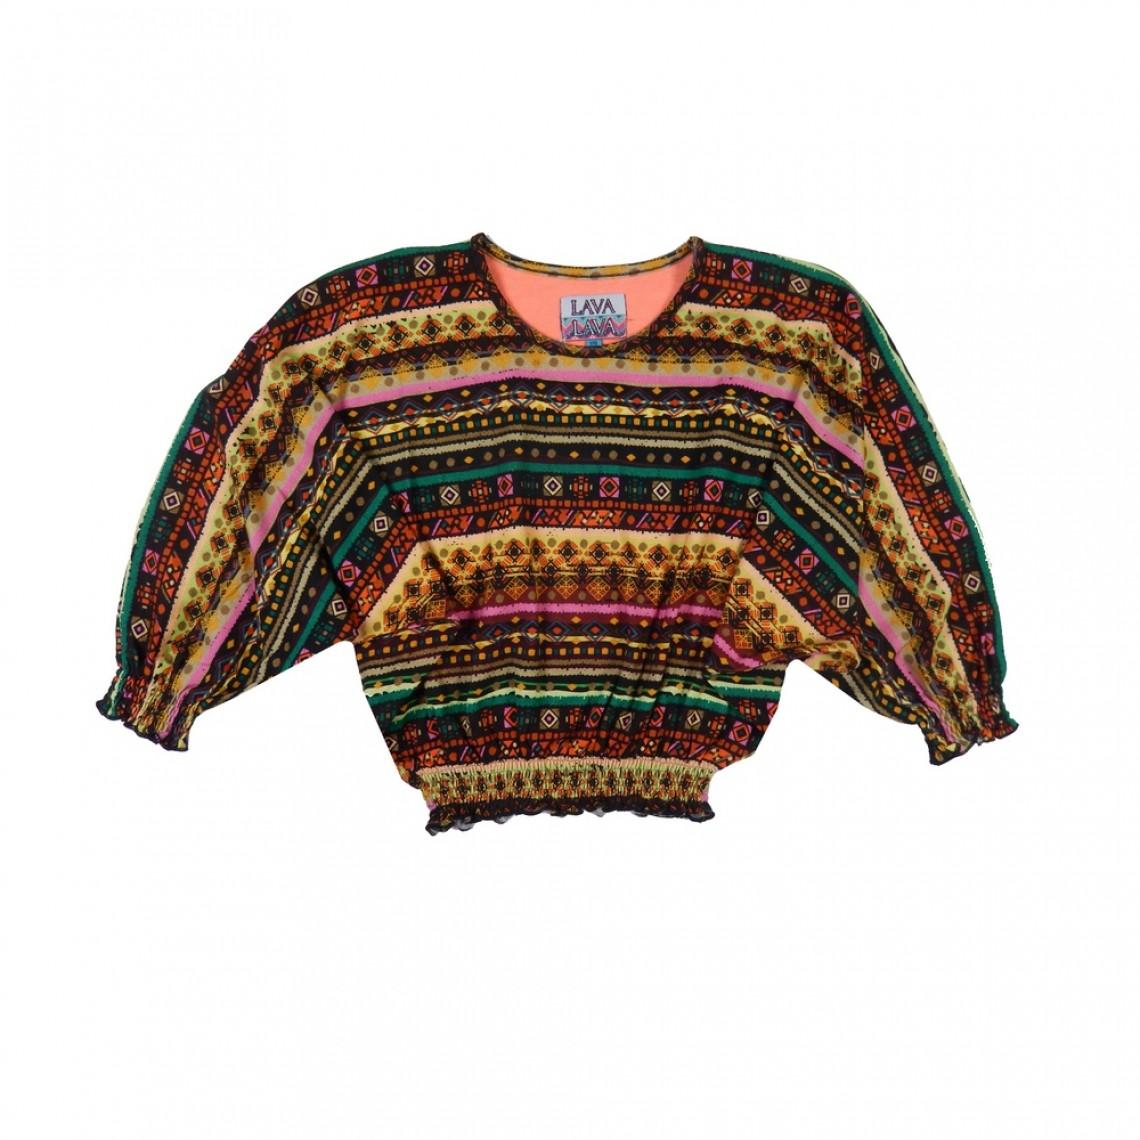 https://myshop.s3-external-3.amazonaws.com/shop3044400.pictures.lava-18-272-sweater-superwoman-bohoprint.jpg